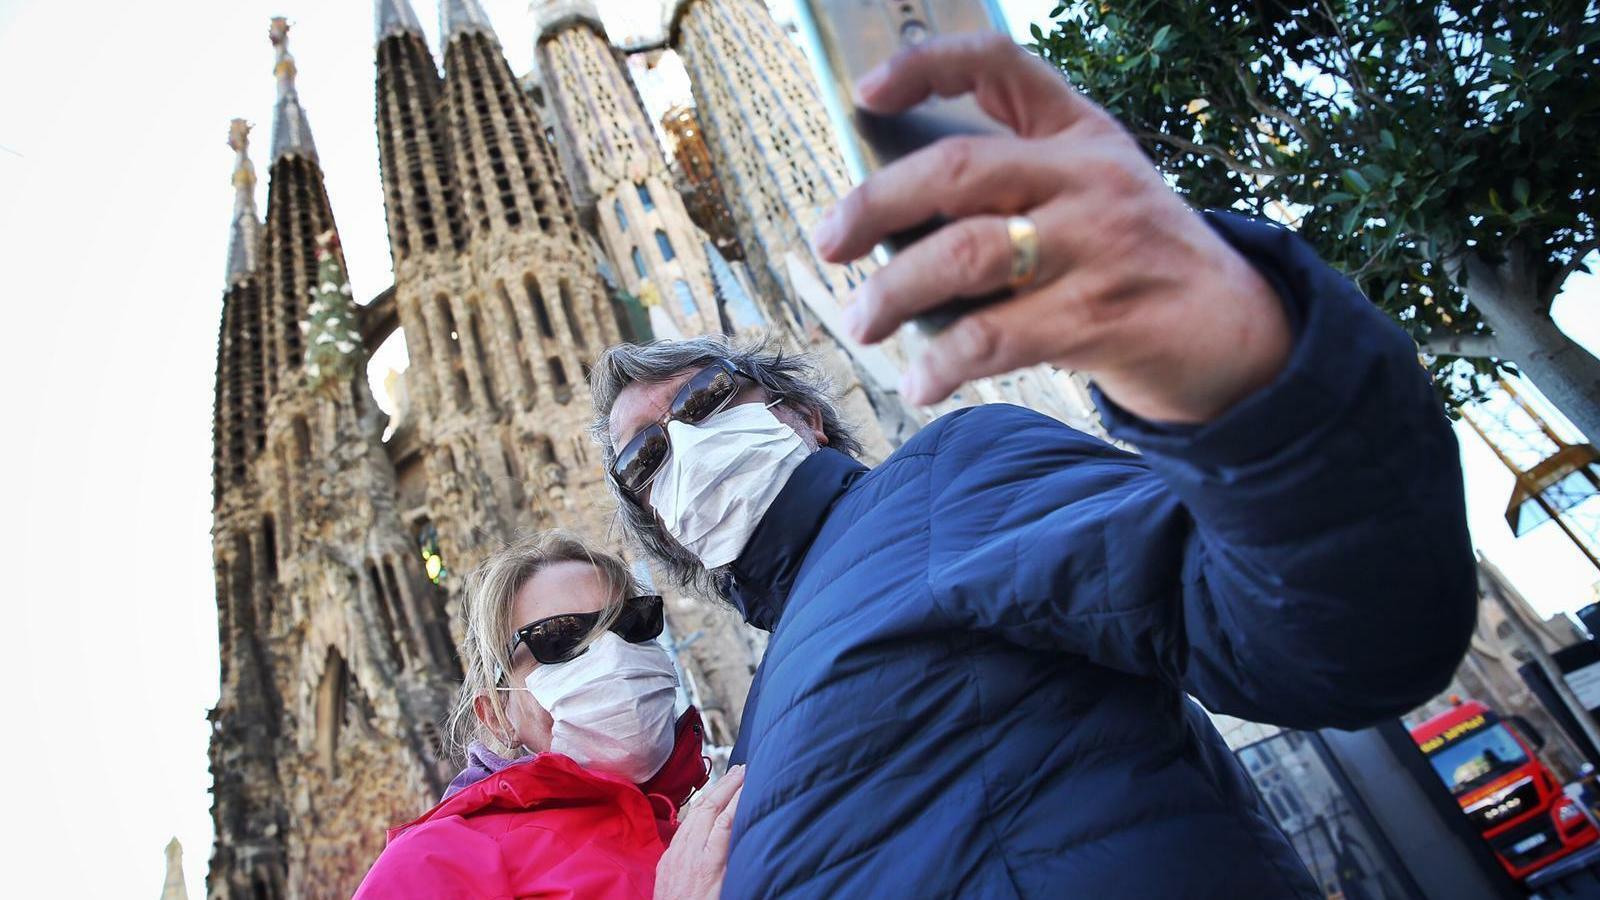 Dos turistes brasilers, provinents de Rio de Janeiro,  es fan una fotografia aquest matí, a la Sagrada família de Barcelona